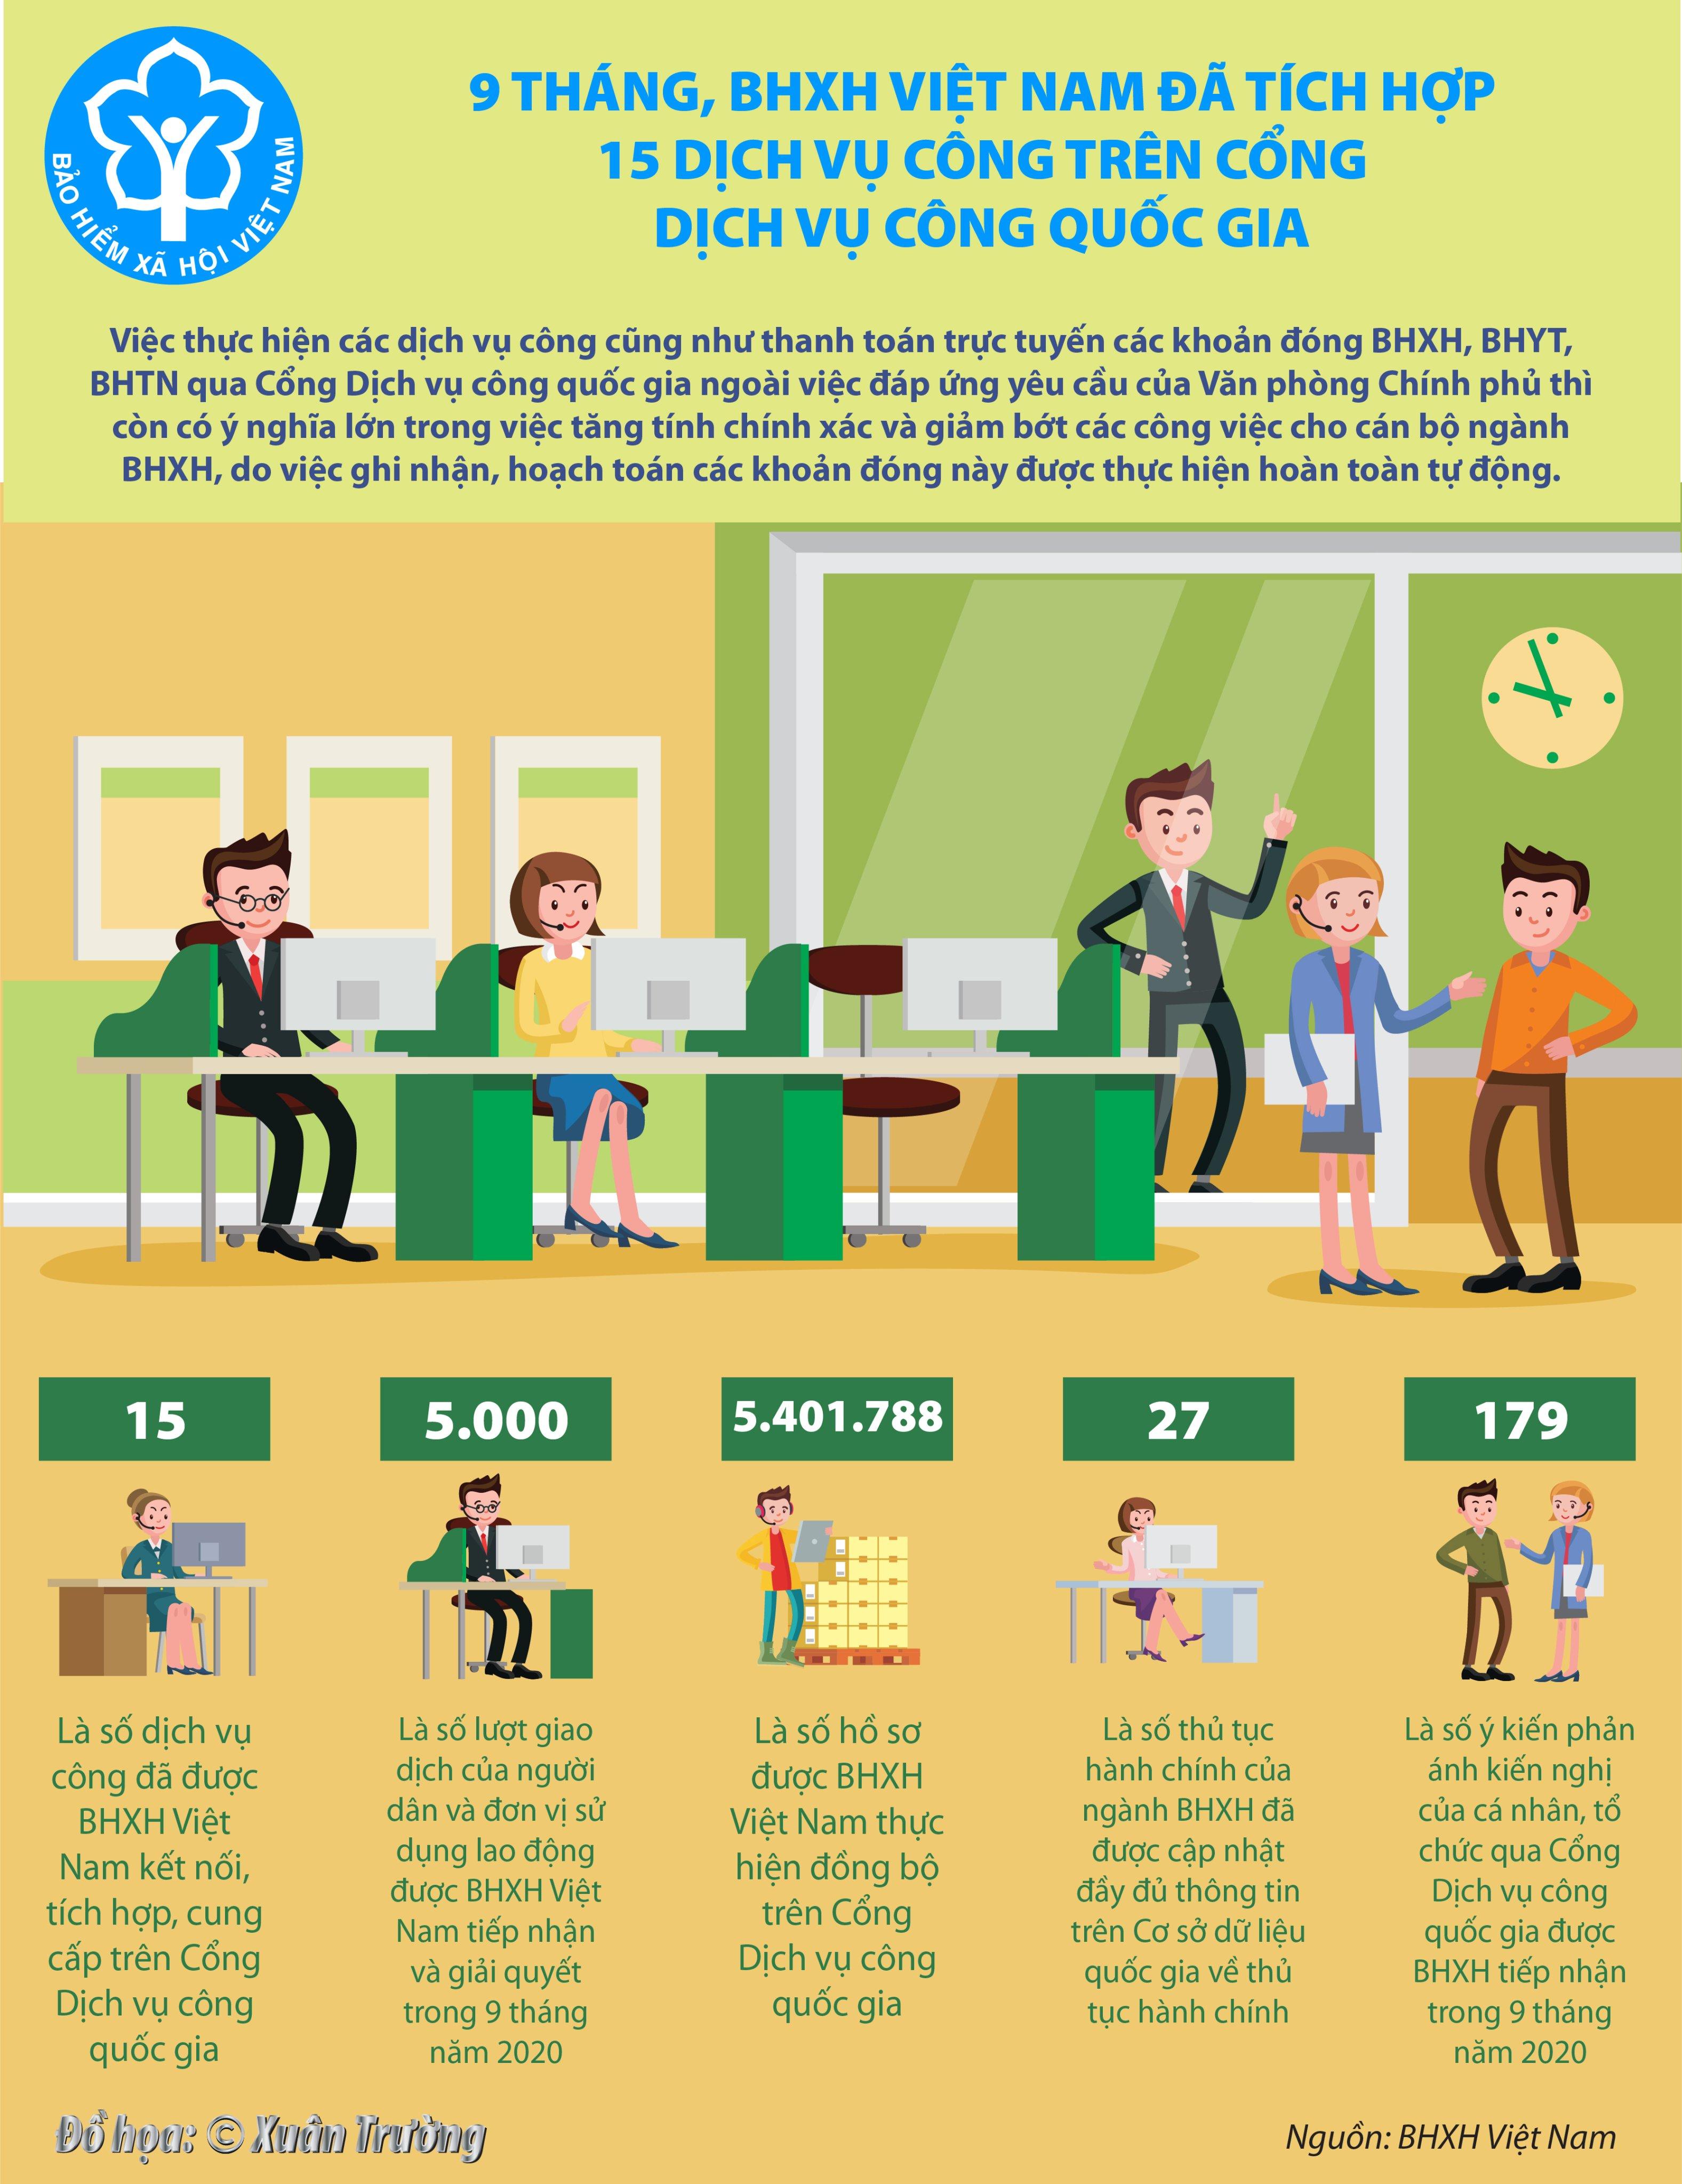 [Infographics] 9 tháng, BHXH Việt Nam đã tích hợp 15 dịch vụ công trên Cổng Dịch vụ công quốc gia - Ảnh 1